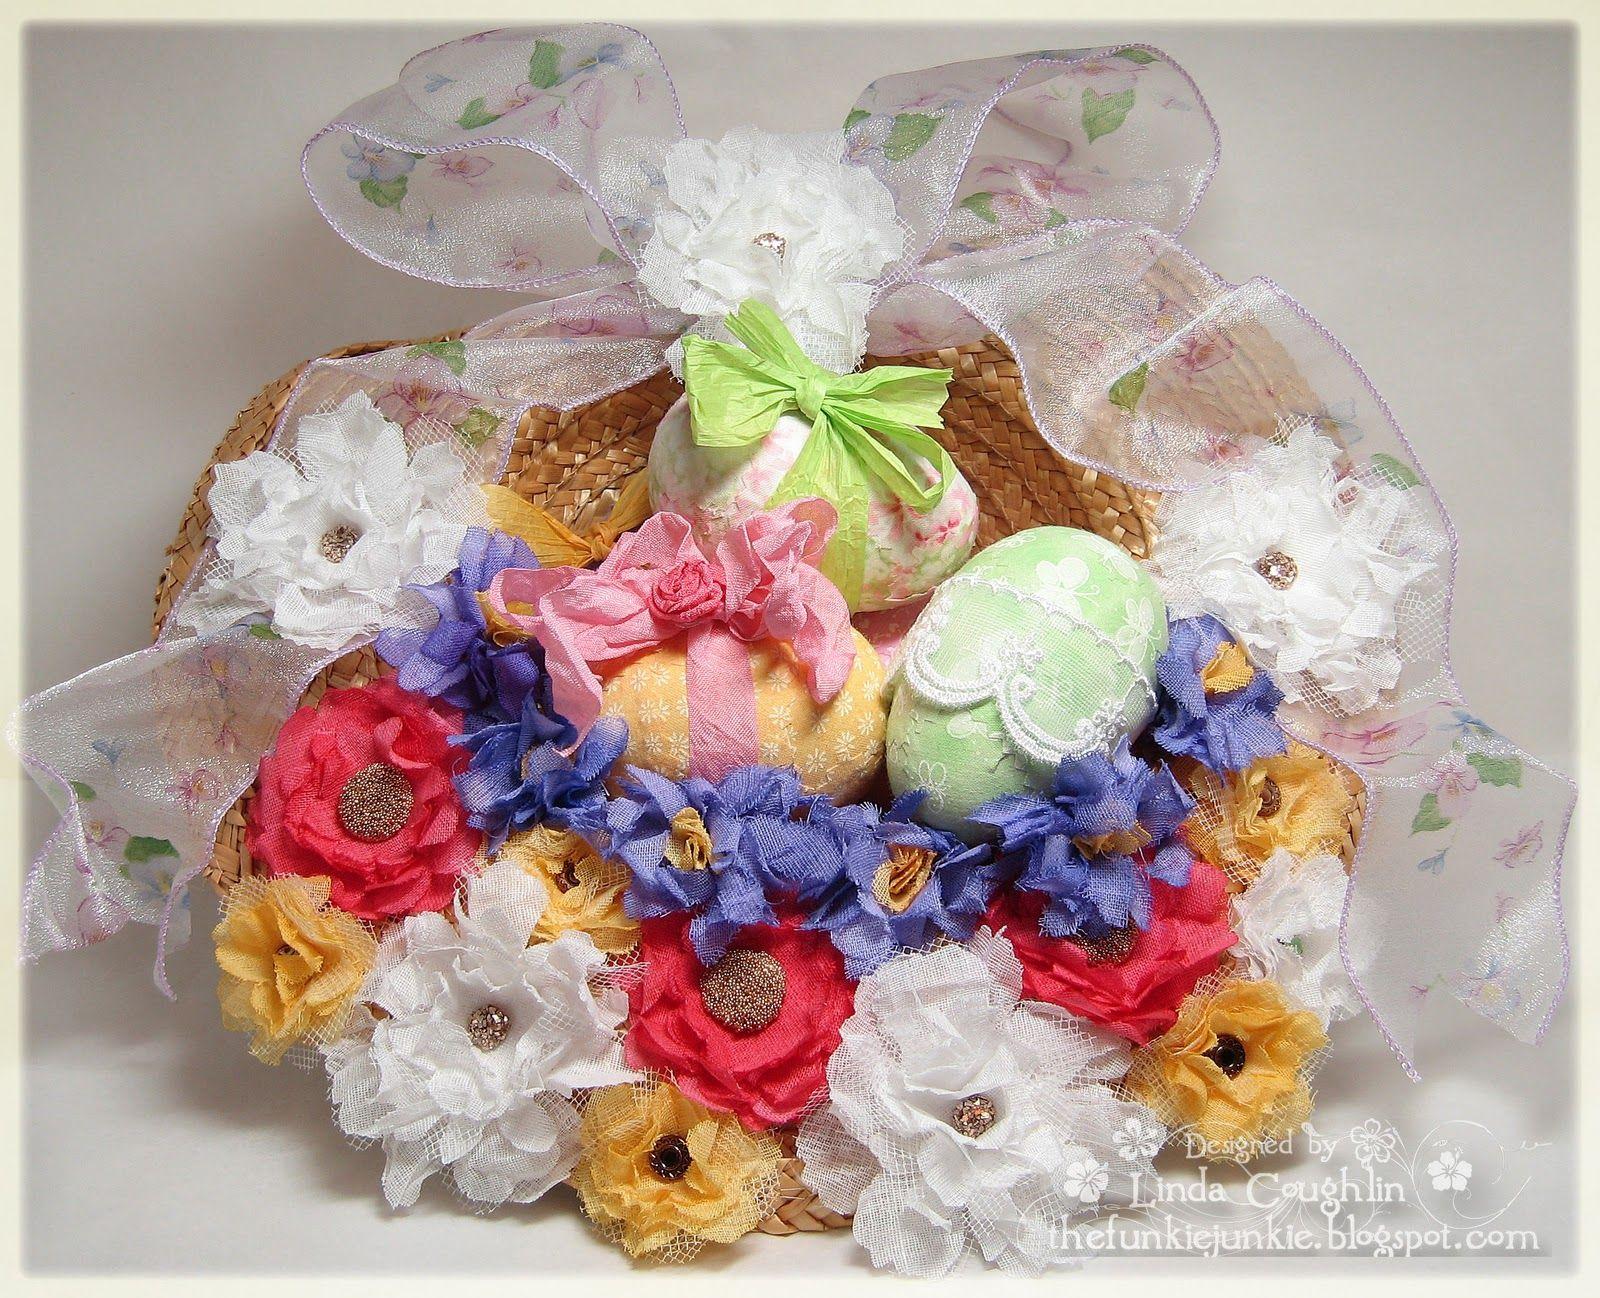 The Funkie Junkie: My Easter Bonnet